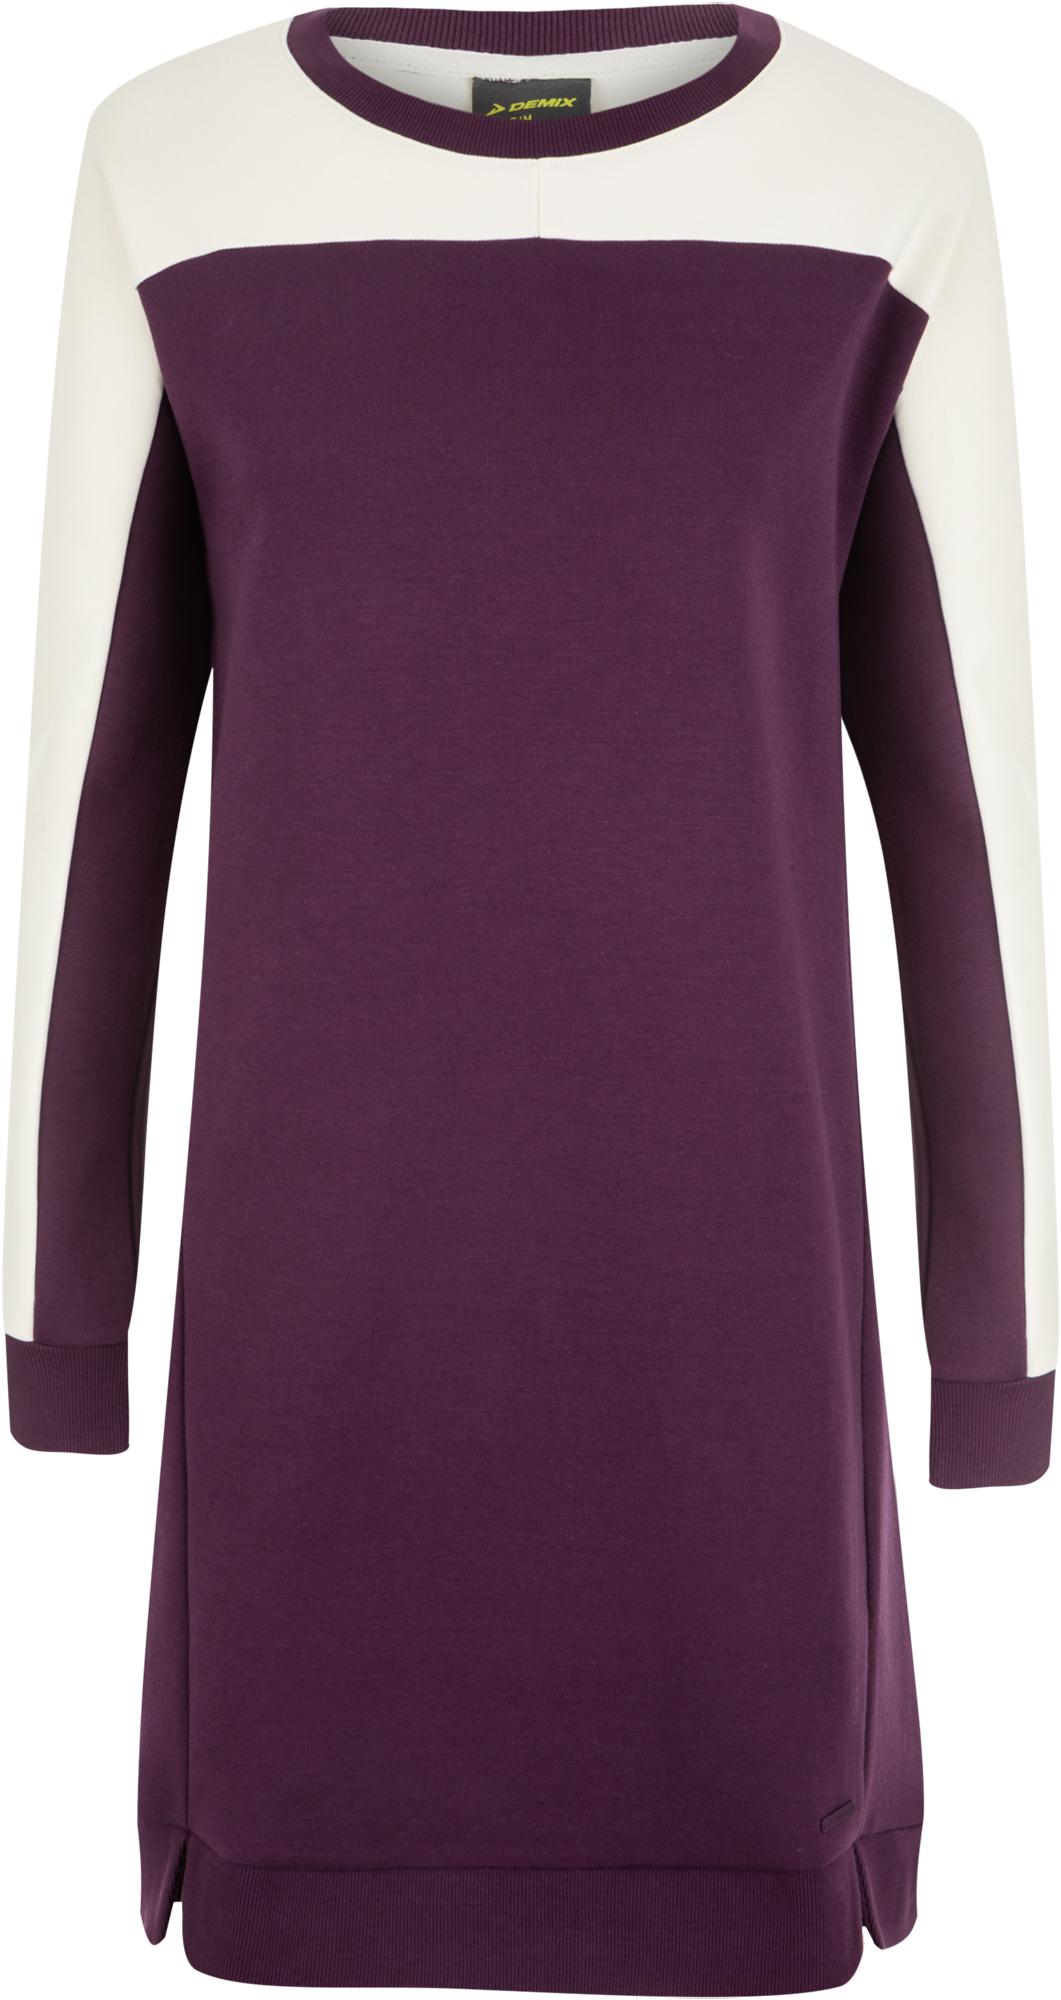 купить Demix Платье женское Demix, размер 48 по цене 1484 рублей